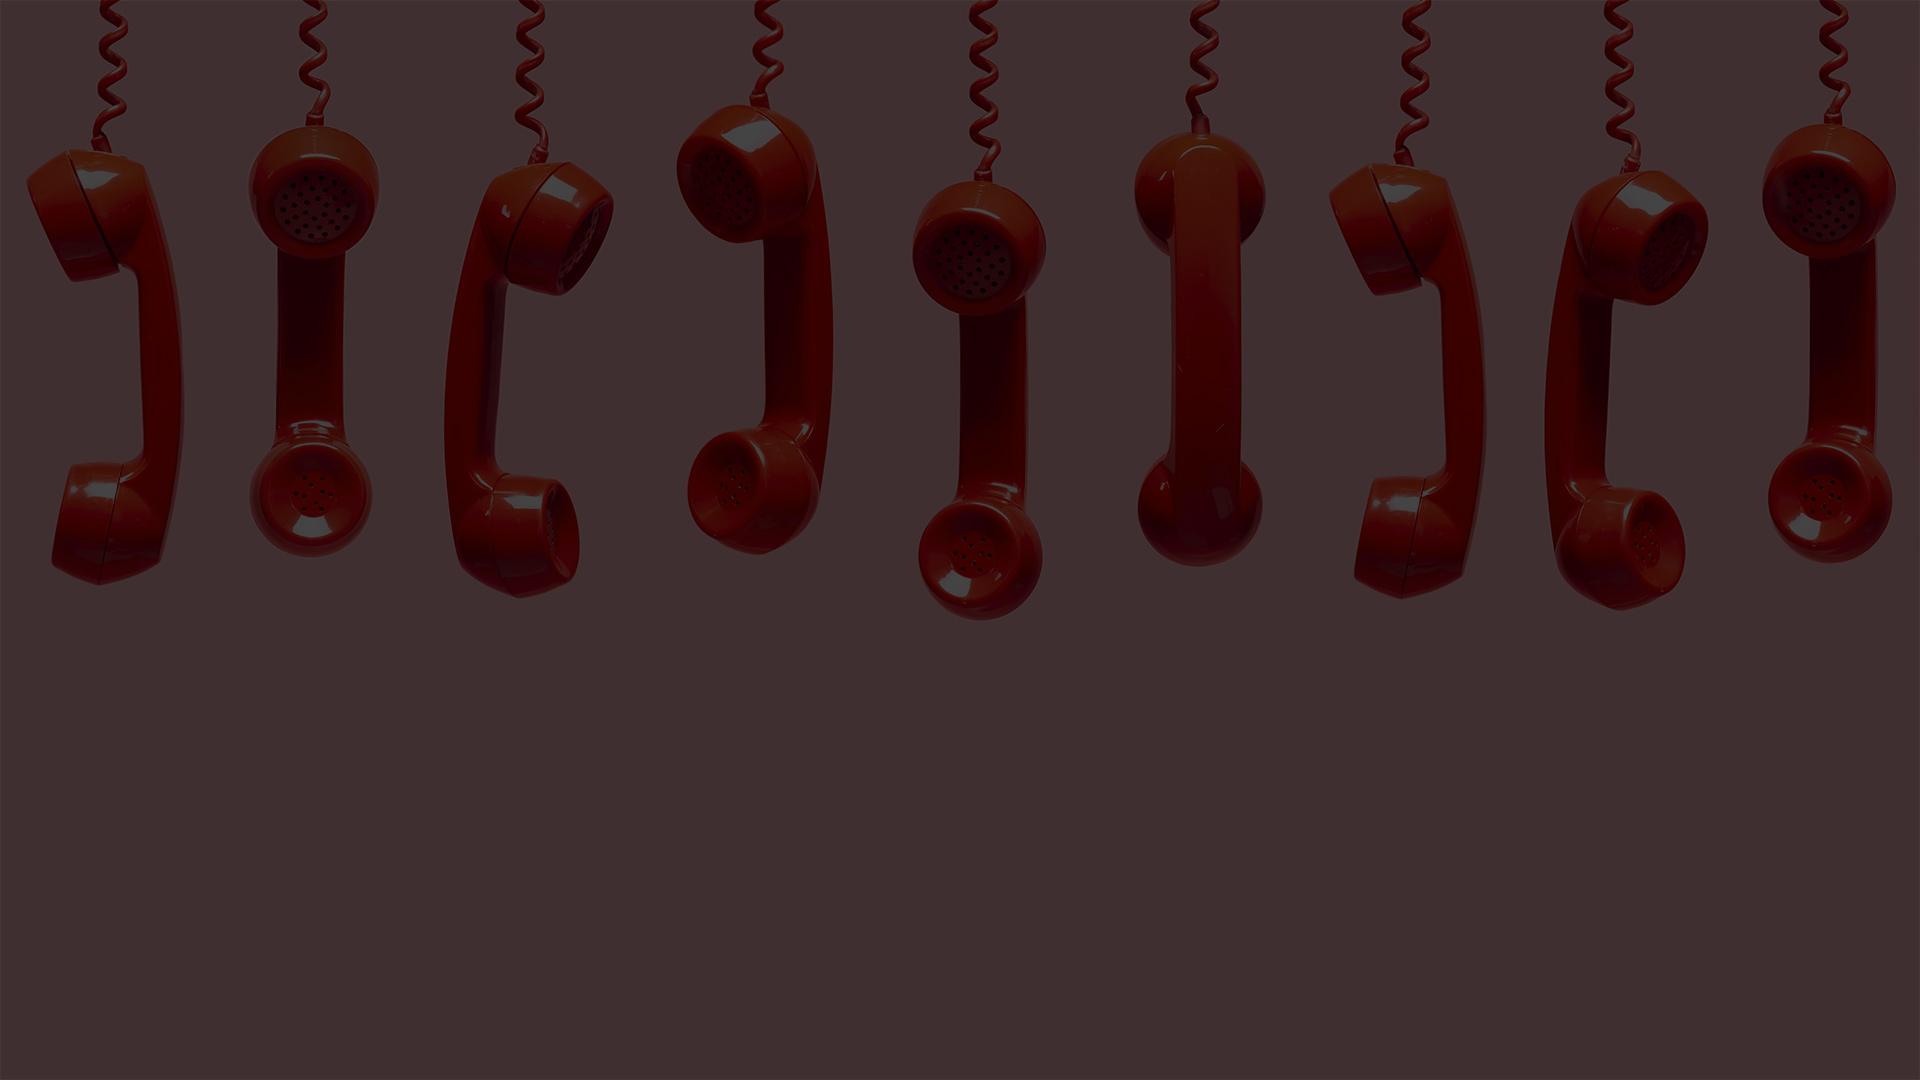 contacter-la-compagnie-de-theatre-rouge-cheyenne